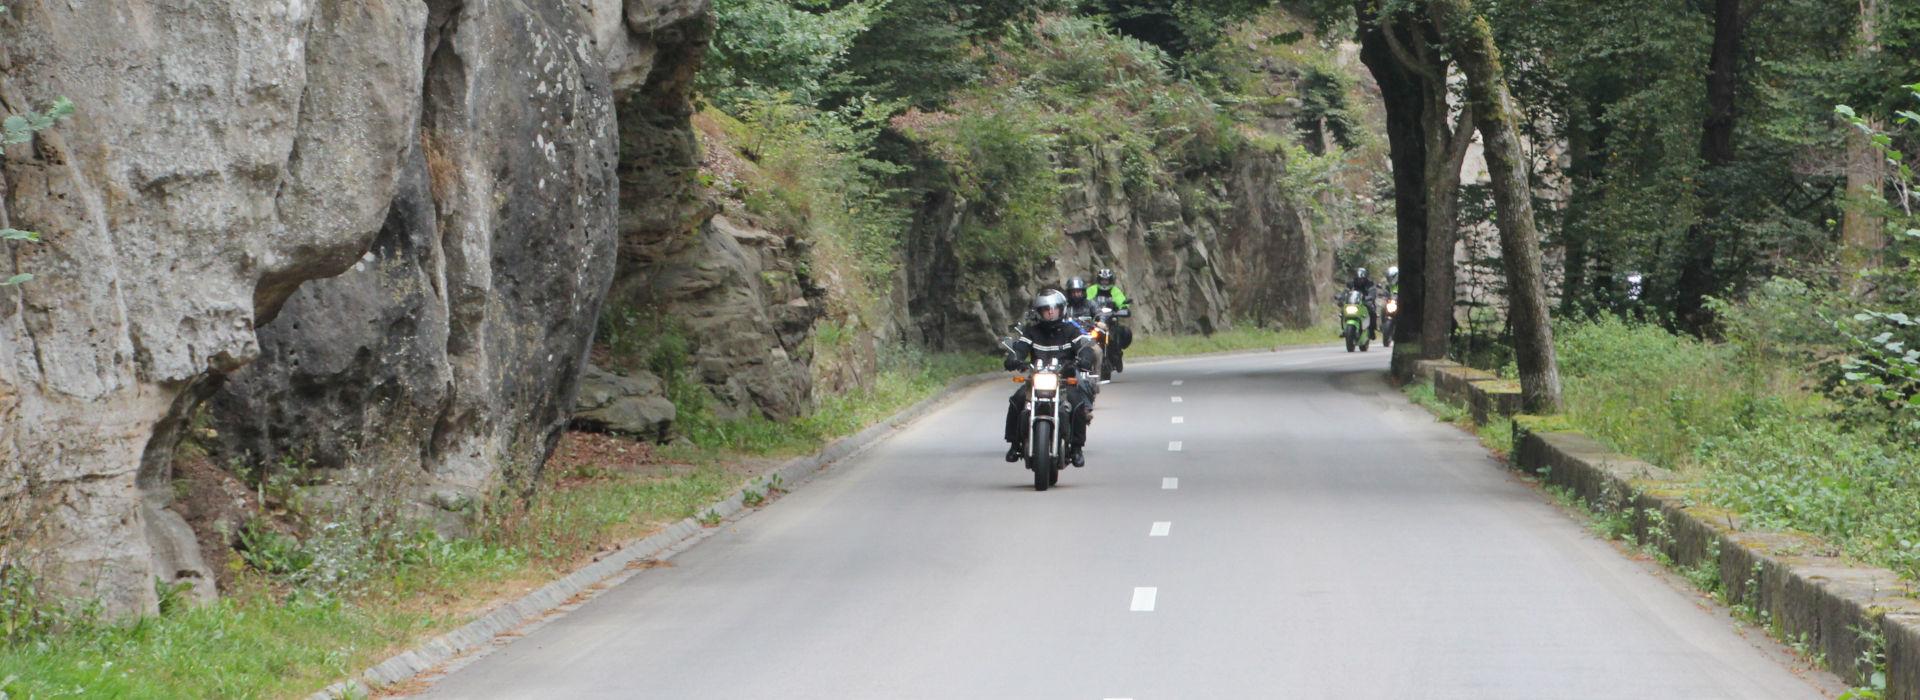 Motorrijbewijspoint Sittard-Geleen motorexamens AVB en AVD